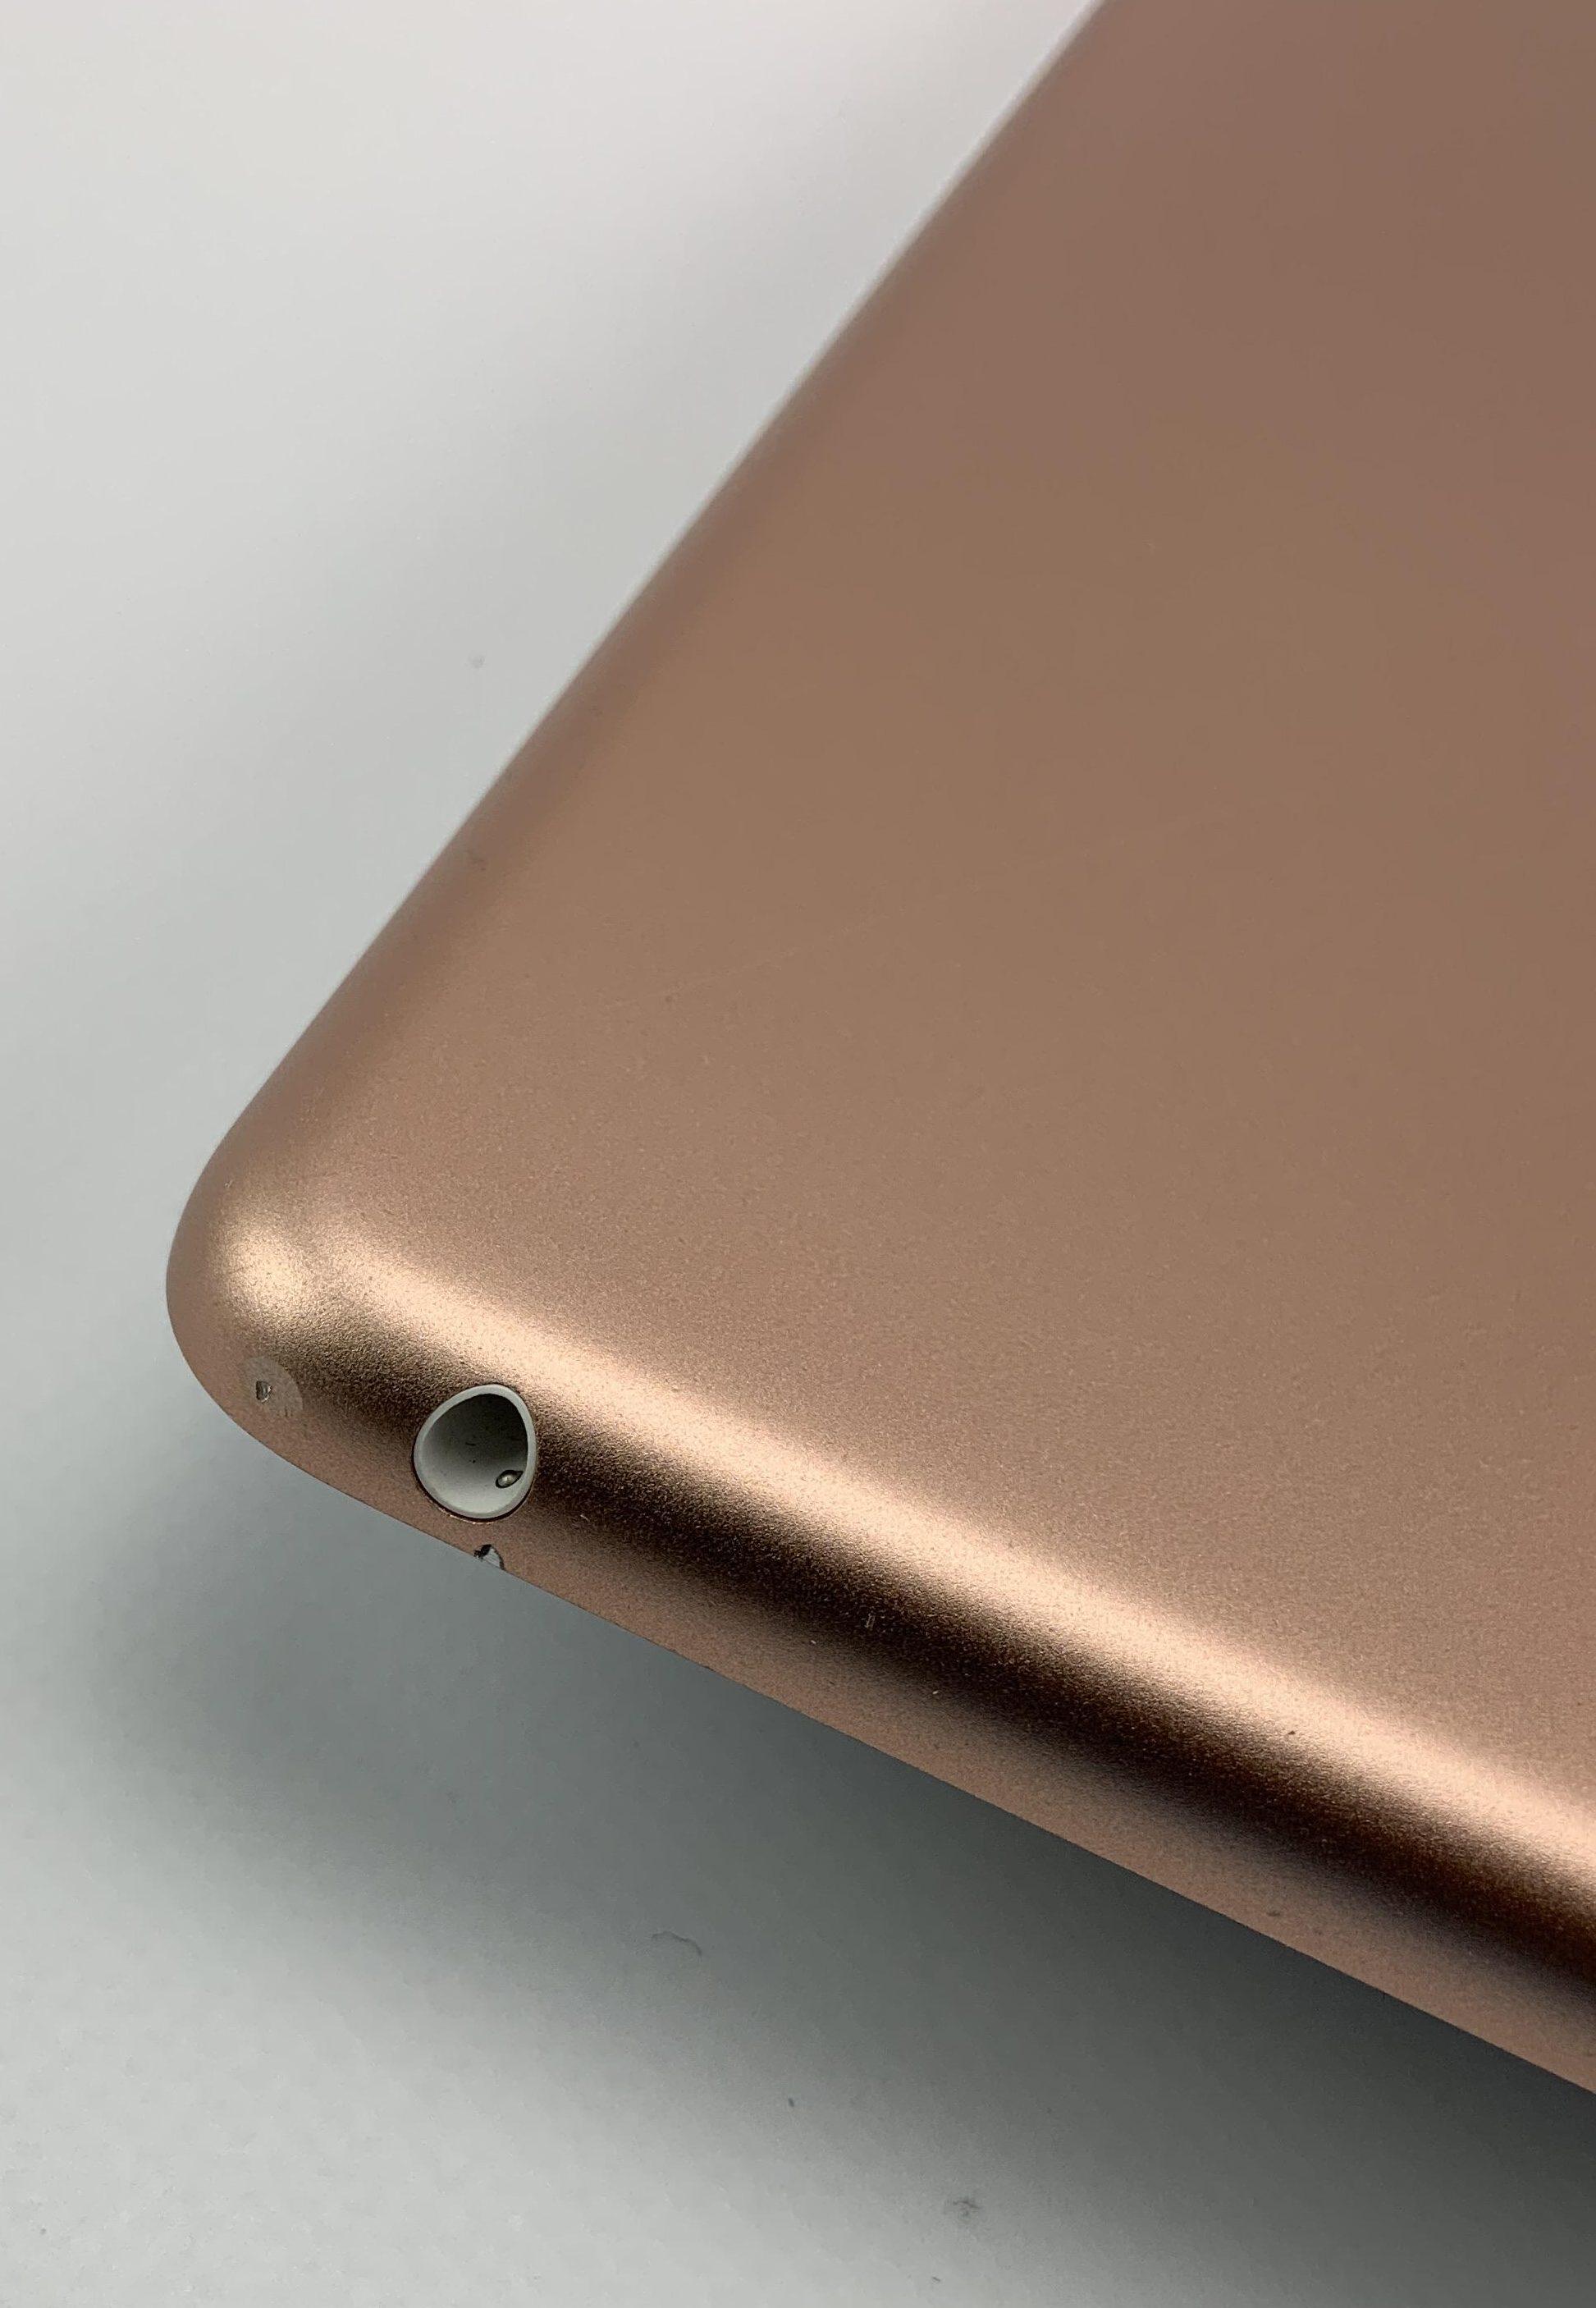 iPad 6 Wi-Fi 32GB, 32GB, Gold, Bild 4